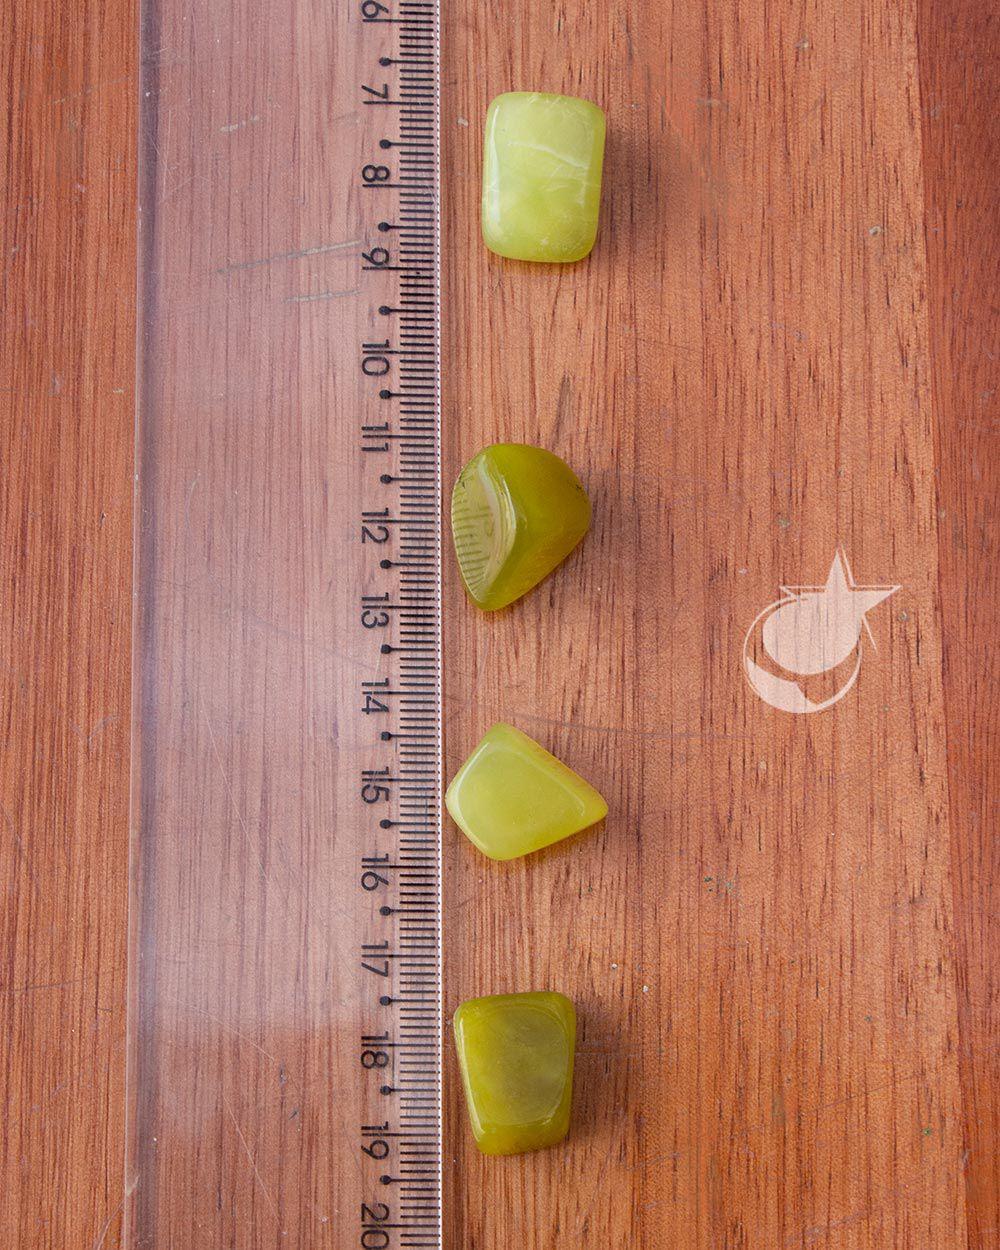 JADE VERDE  ROLADO - UNIDADE - 1,5 a 2 cm - (4 a 5g)